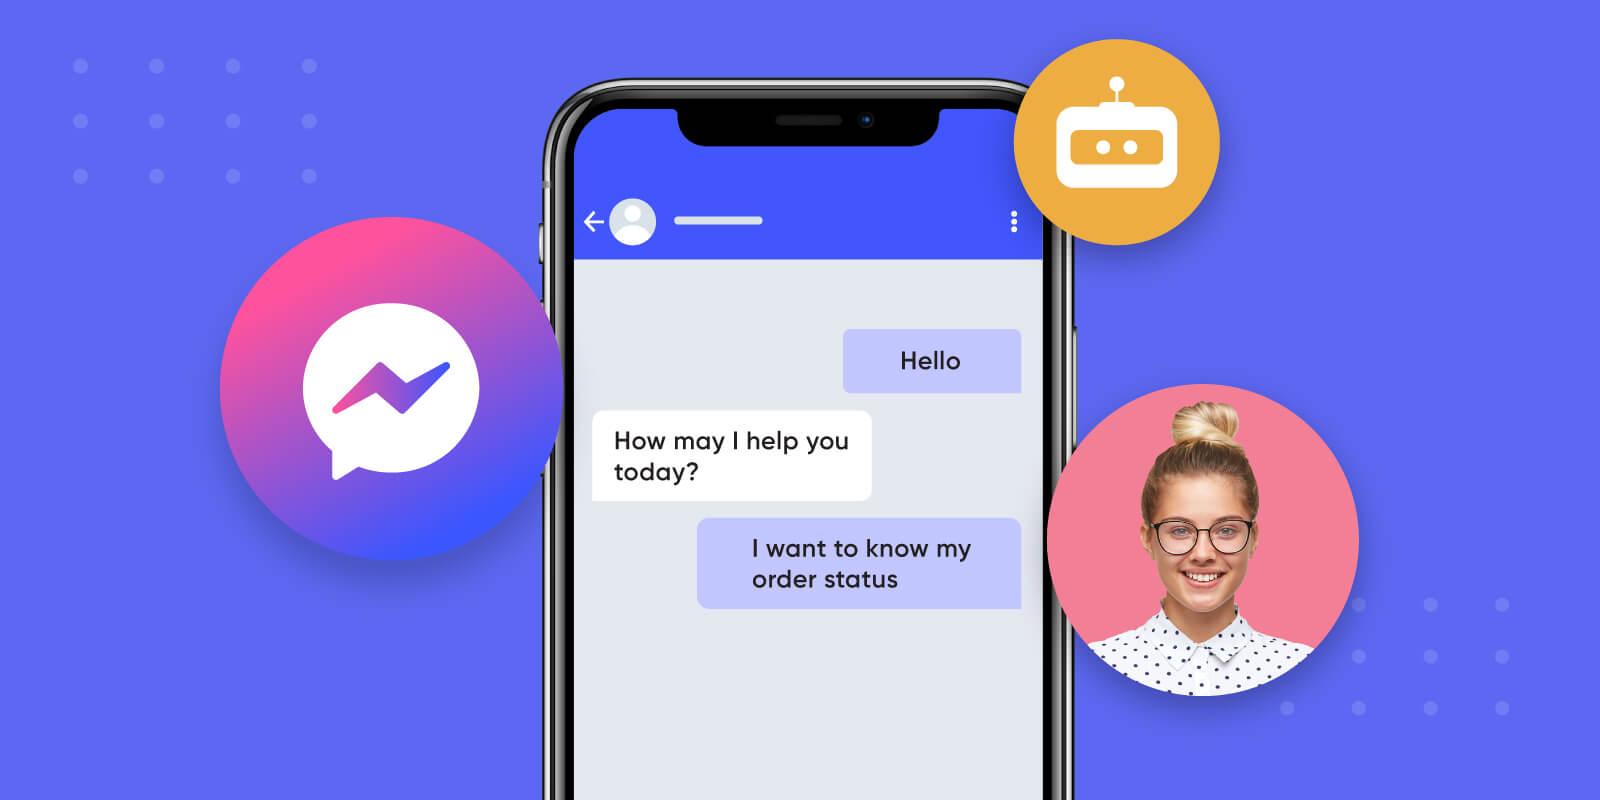 facebook messenger chatbot use cases